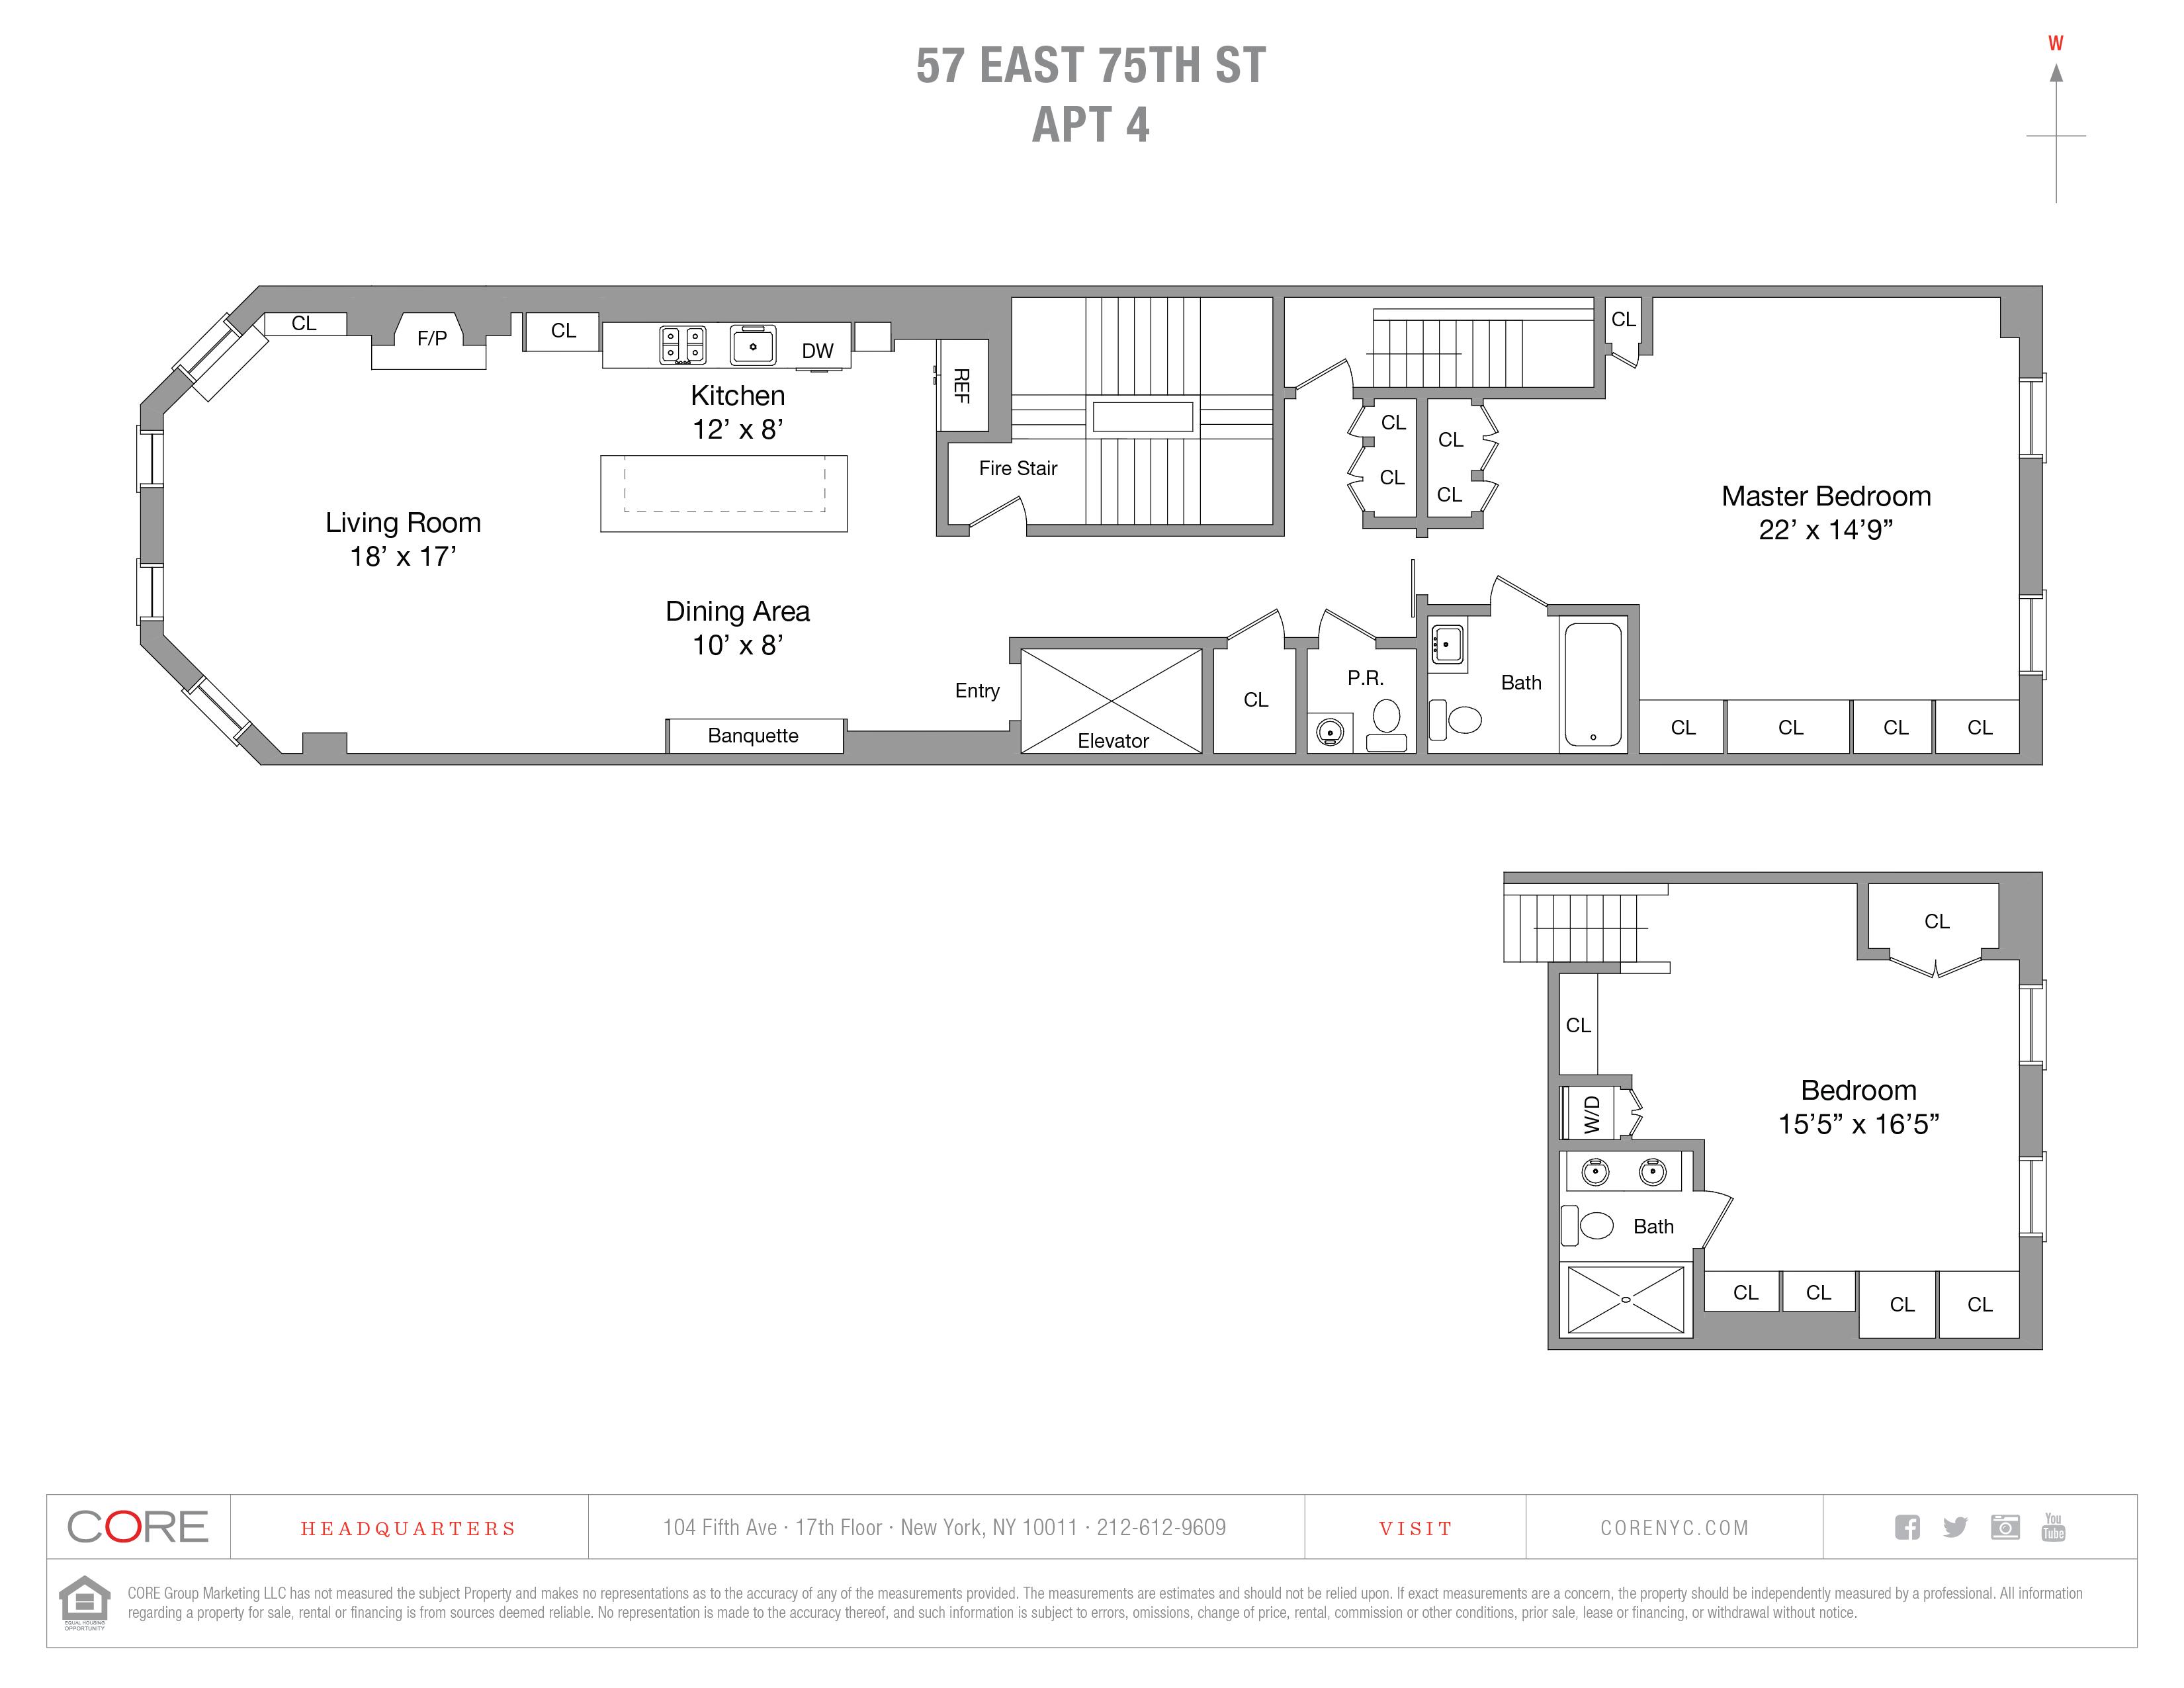 57 East 75th St. 4, New York, NY 10021